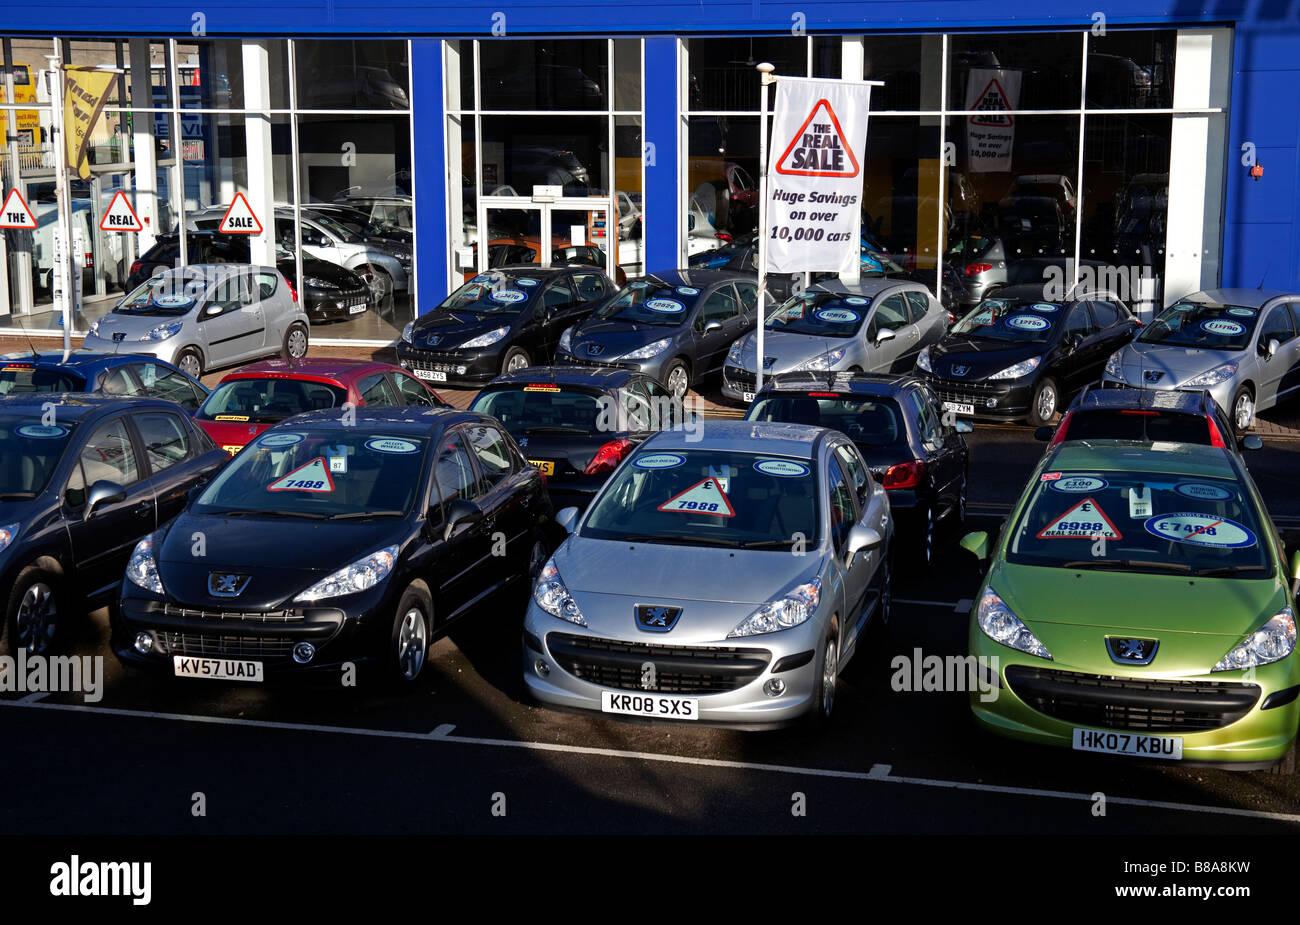 Peugeot Car Dealer Forecourt Seafield Road Edinburgh Scotland Uk